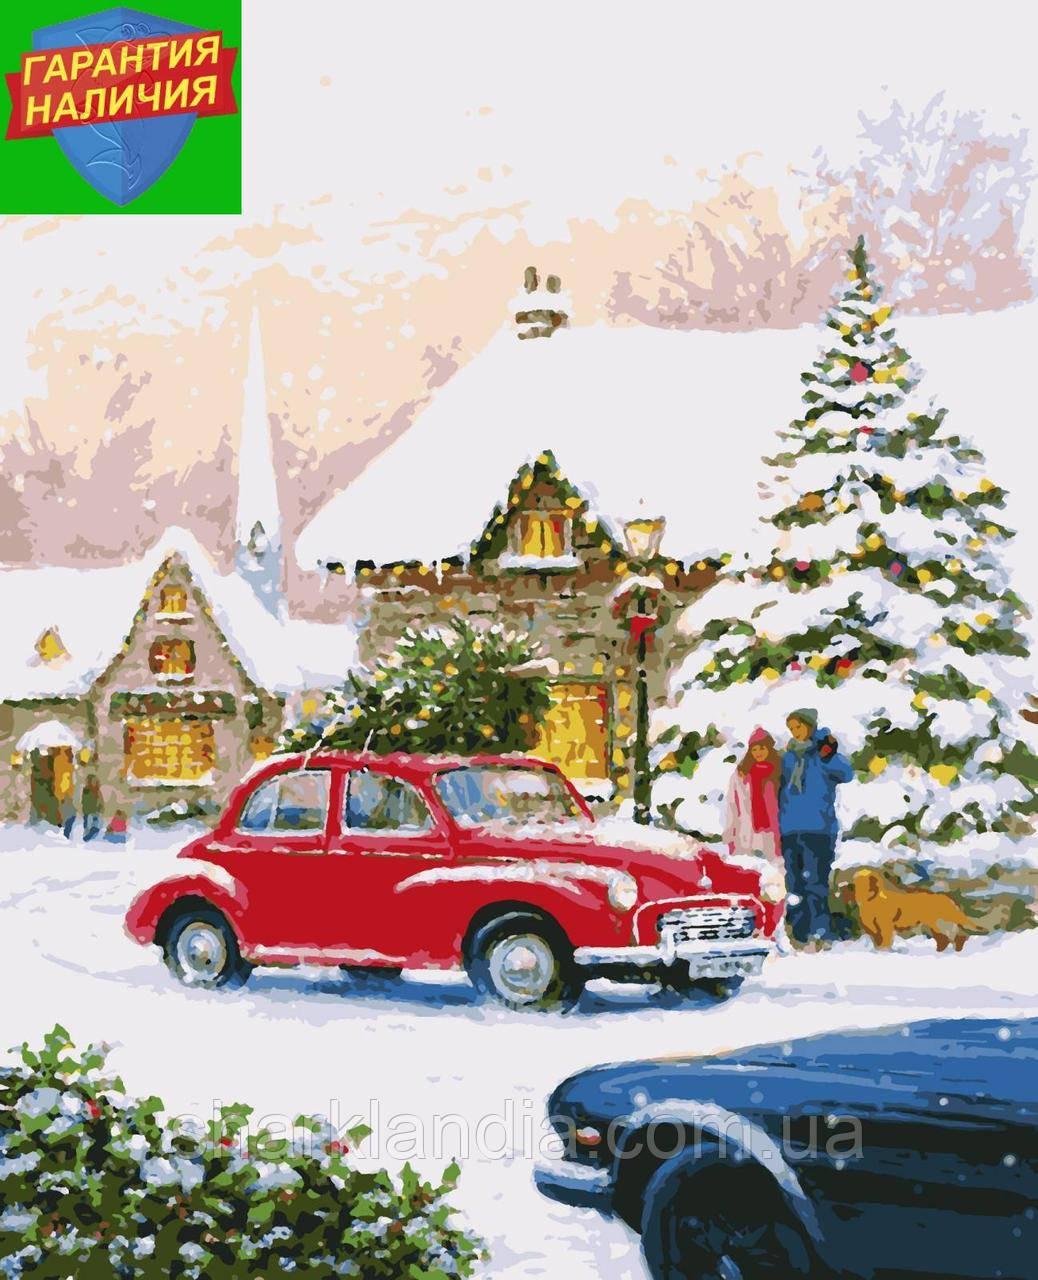 Картина по номерам Праздничное настроение Новый Год 40*50 см Artissimo Раскраски Рождество Зима Авто New Year